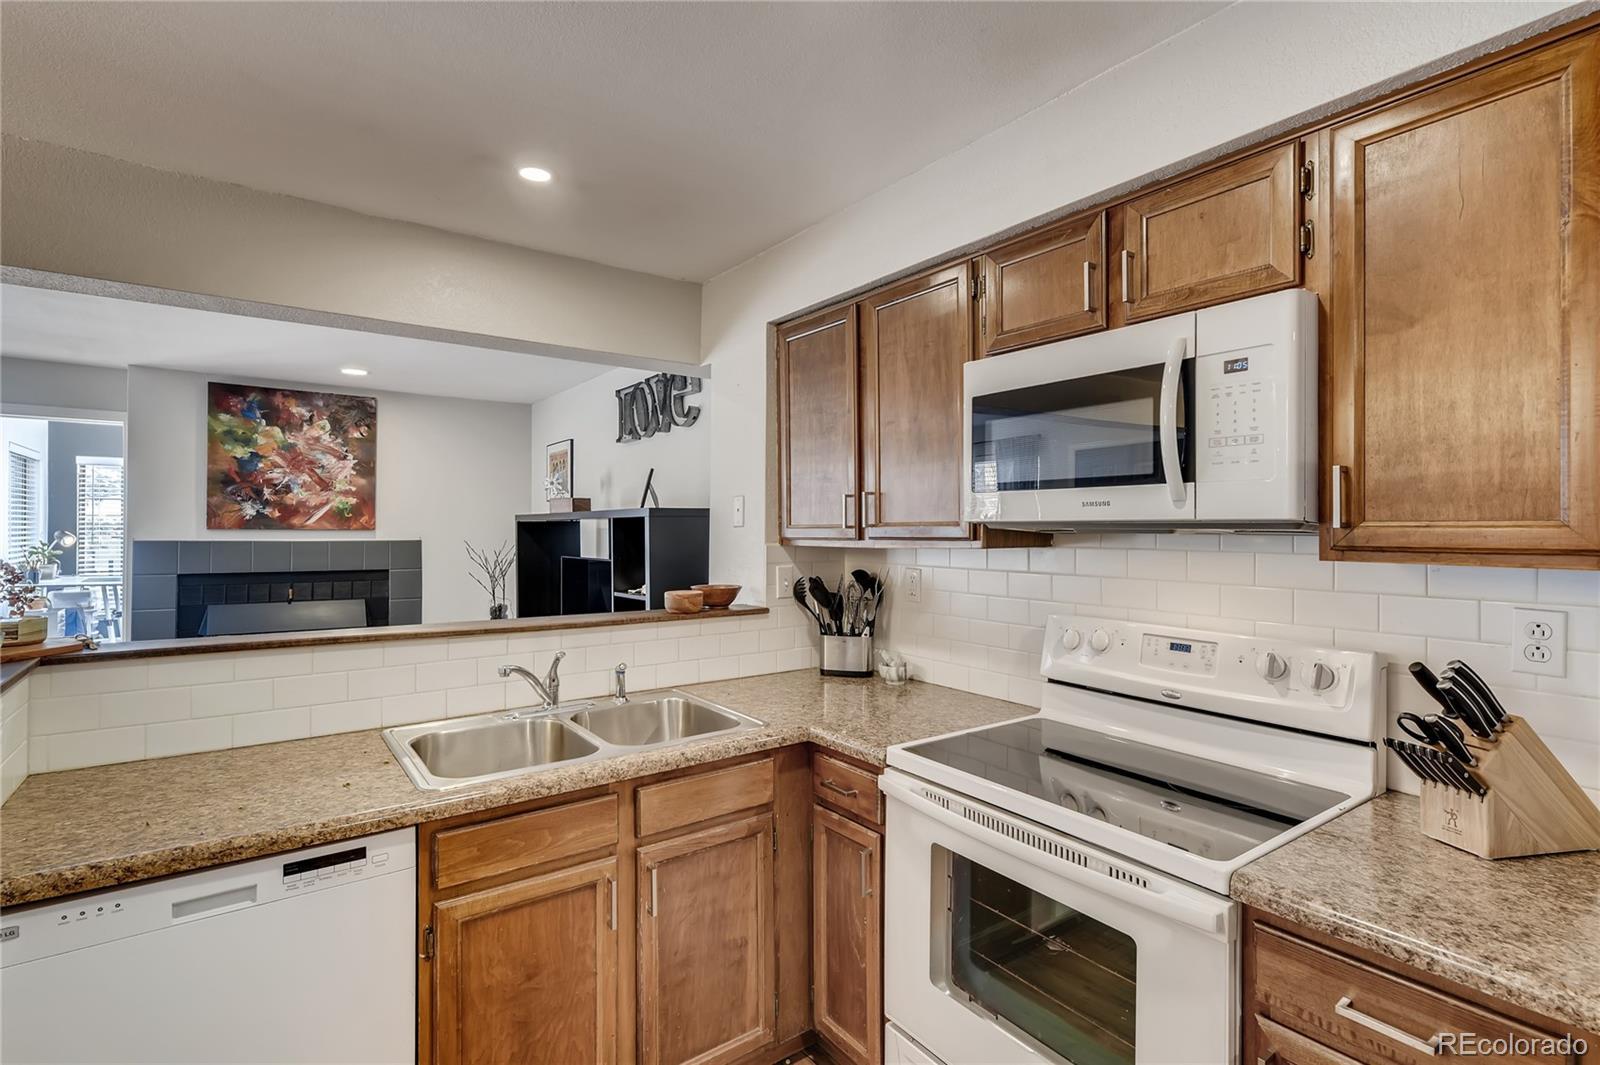 MLS# 2286573 - 33 - 836 S Vance Street #A, Lakewood, CO 80226